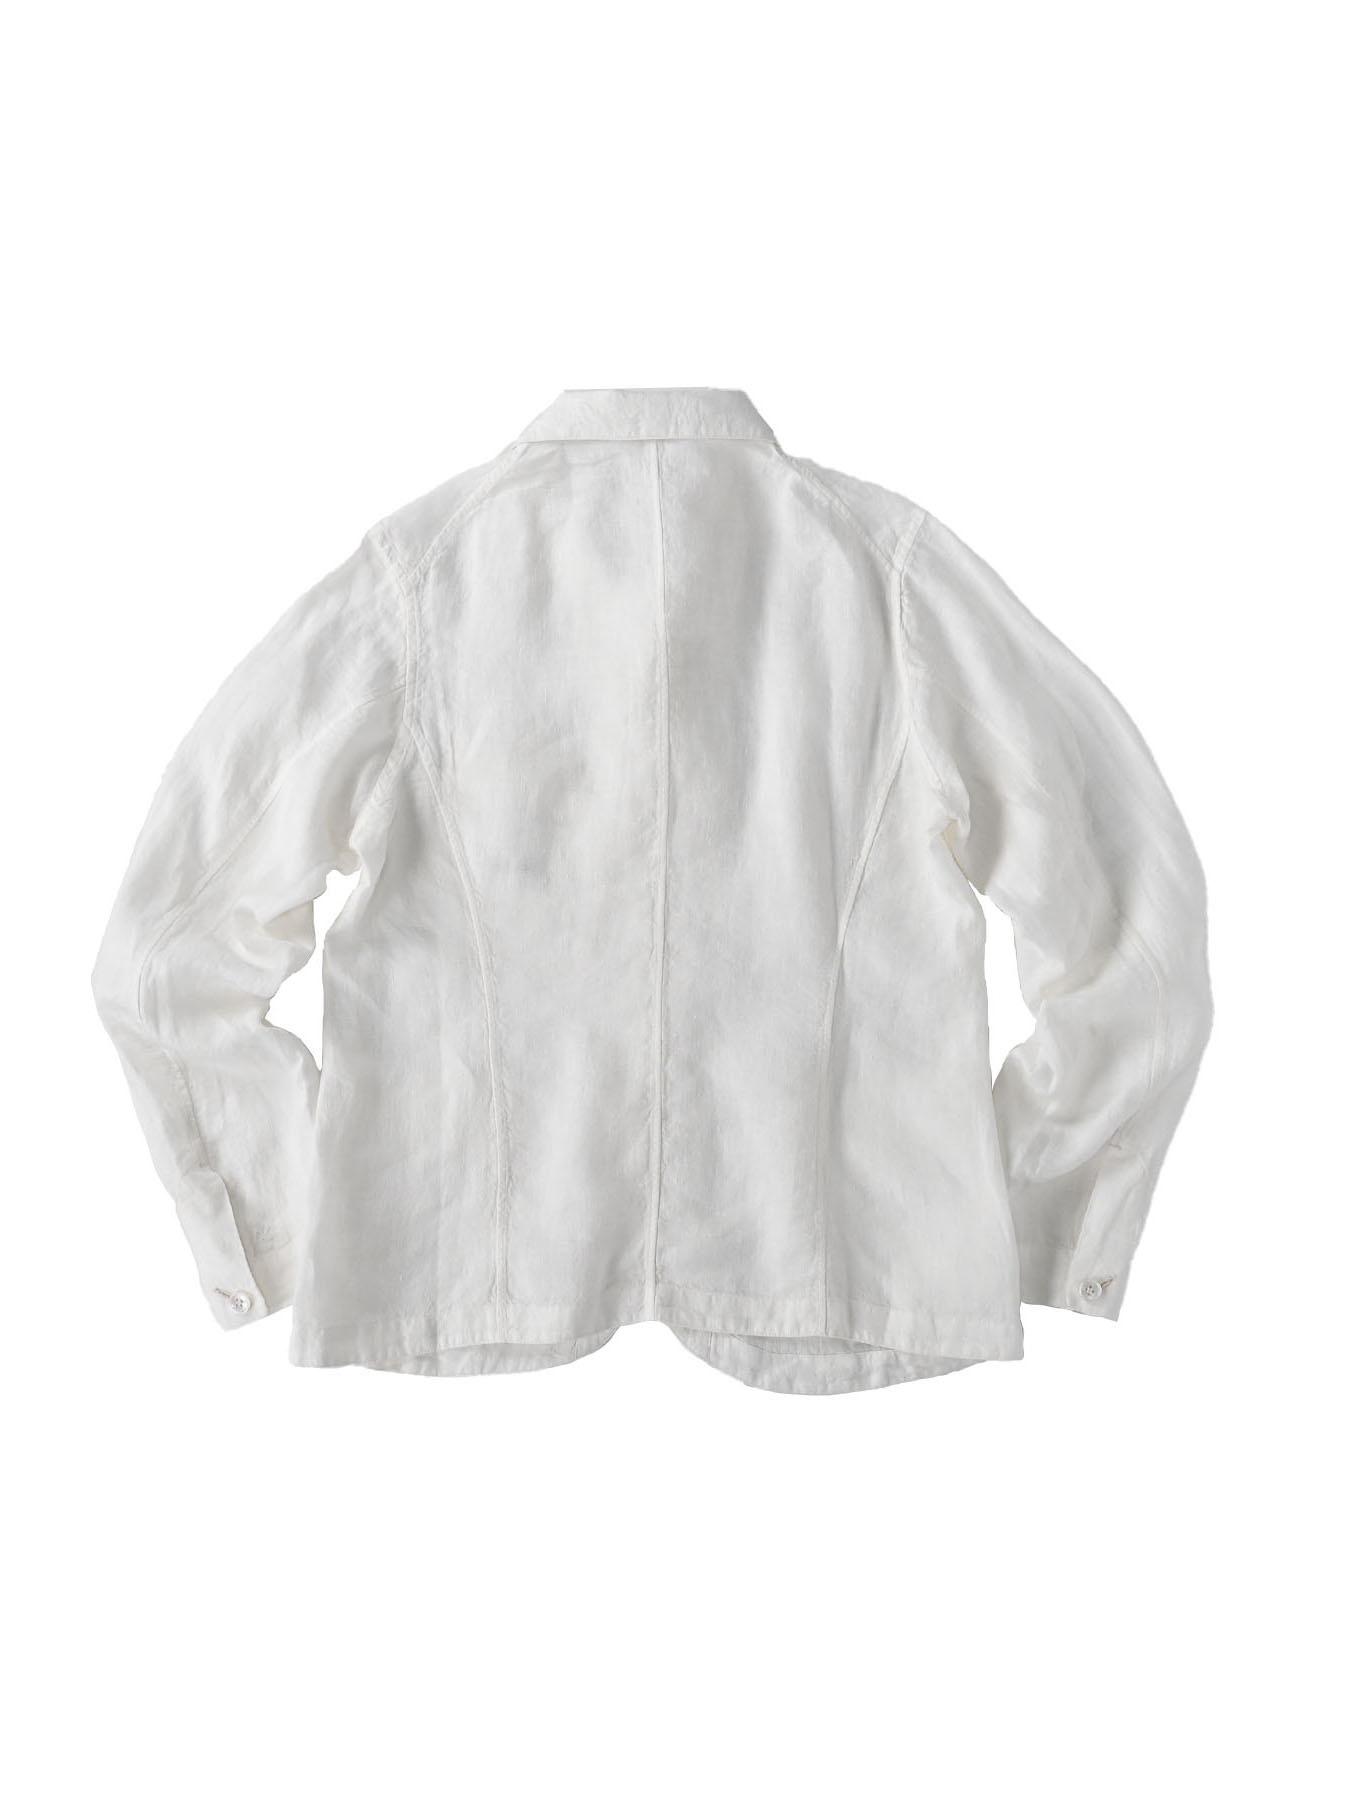 Indian Linen Flat Shirt Jacket (0521)-7